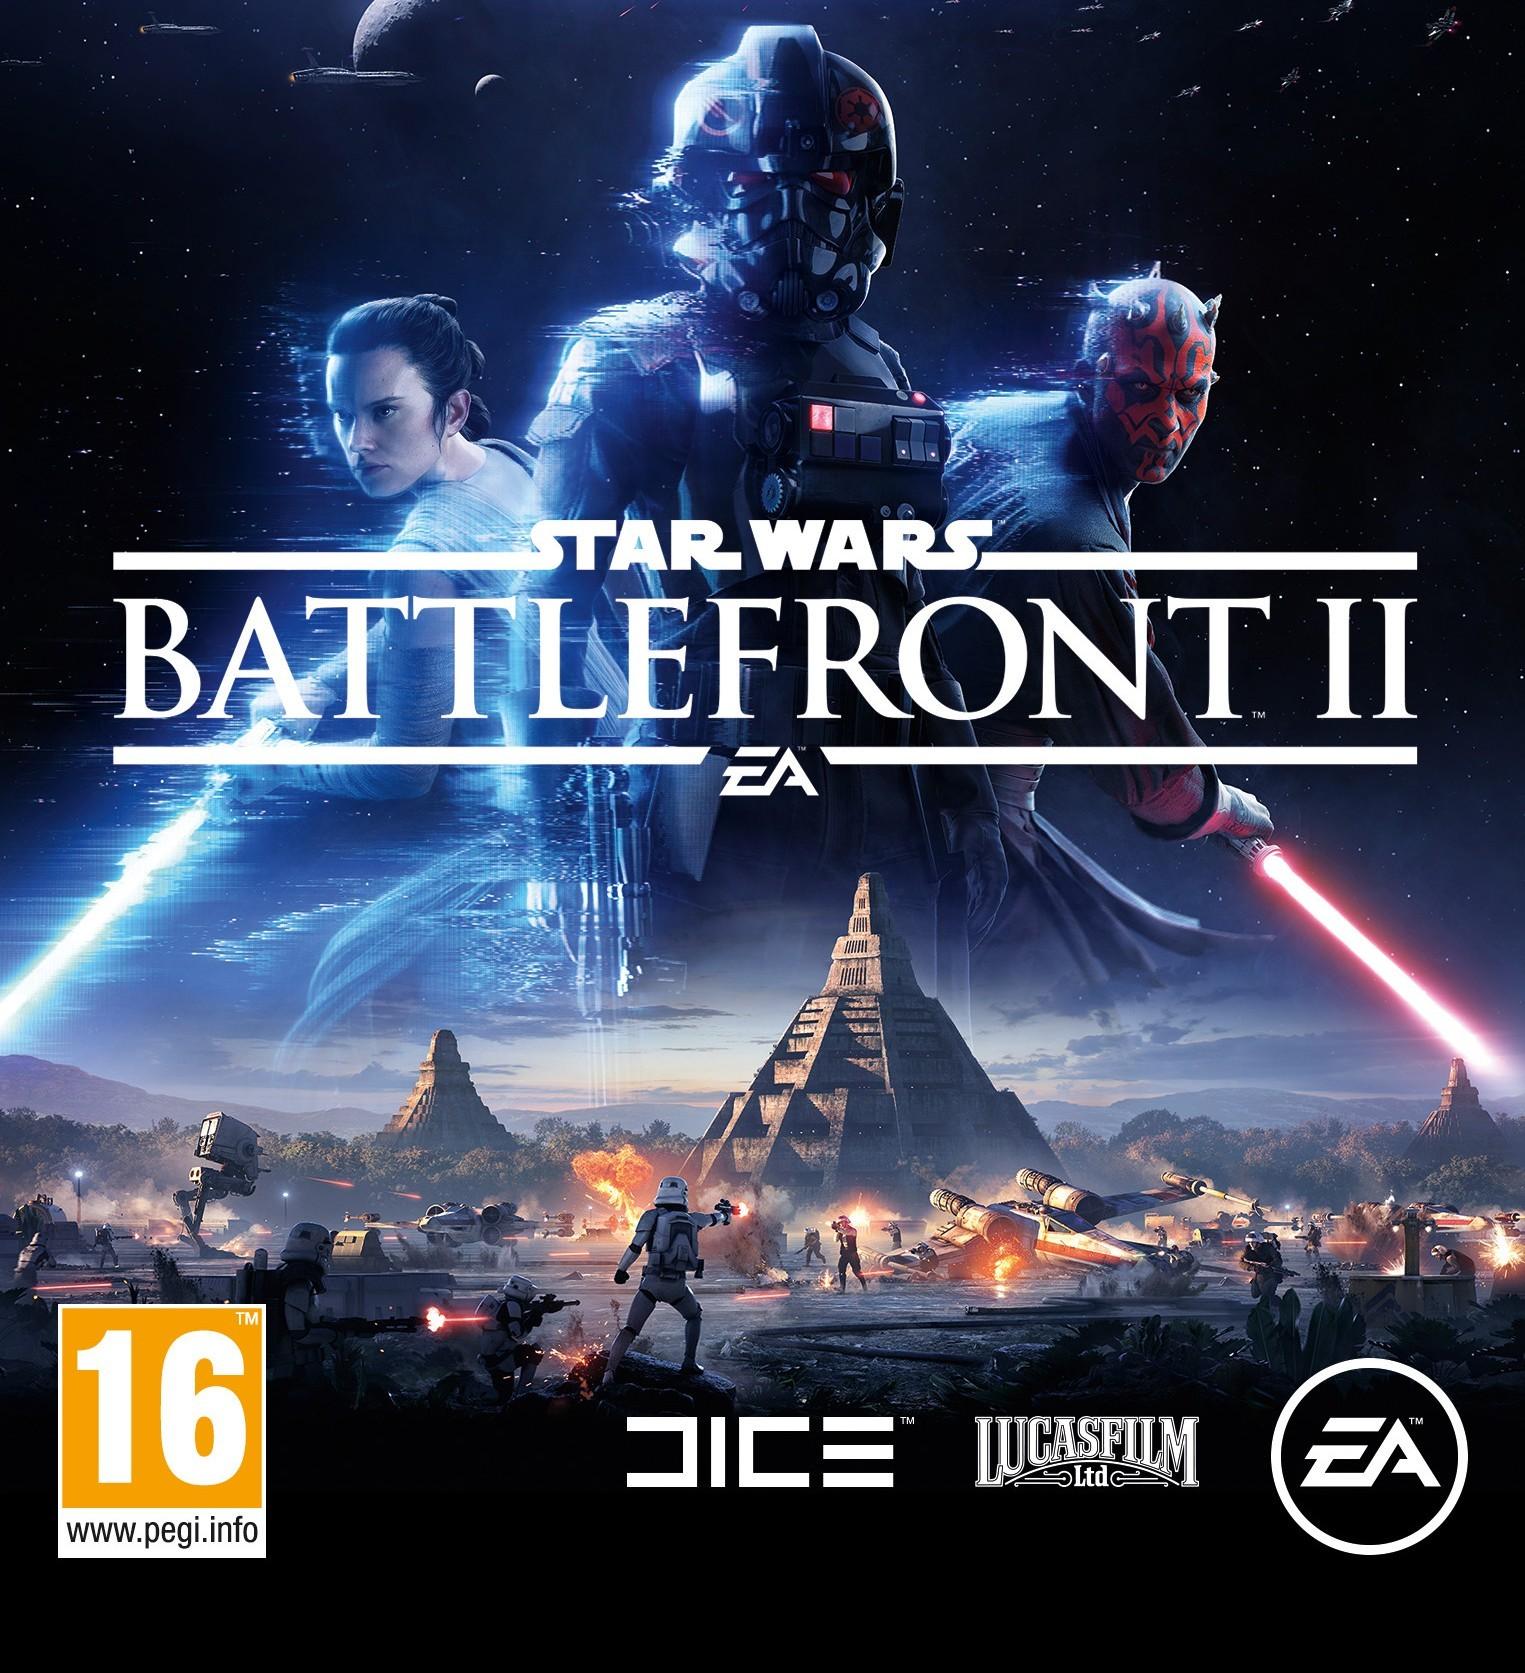 اکانت بازی Star Wars Battlefront II   با امکان تغییر ایمیل و پسورد